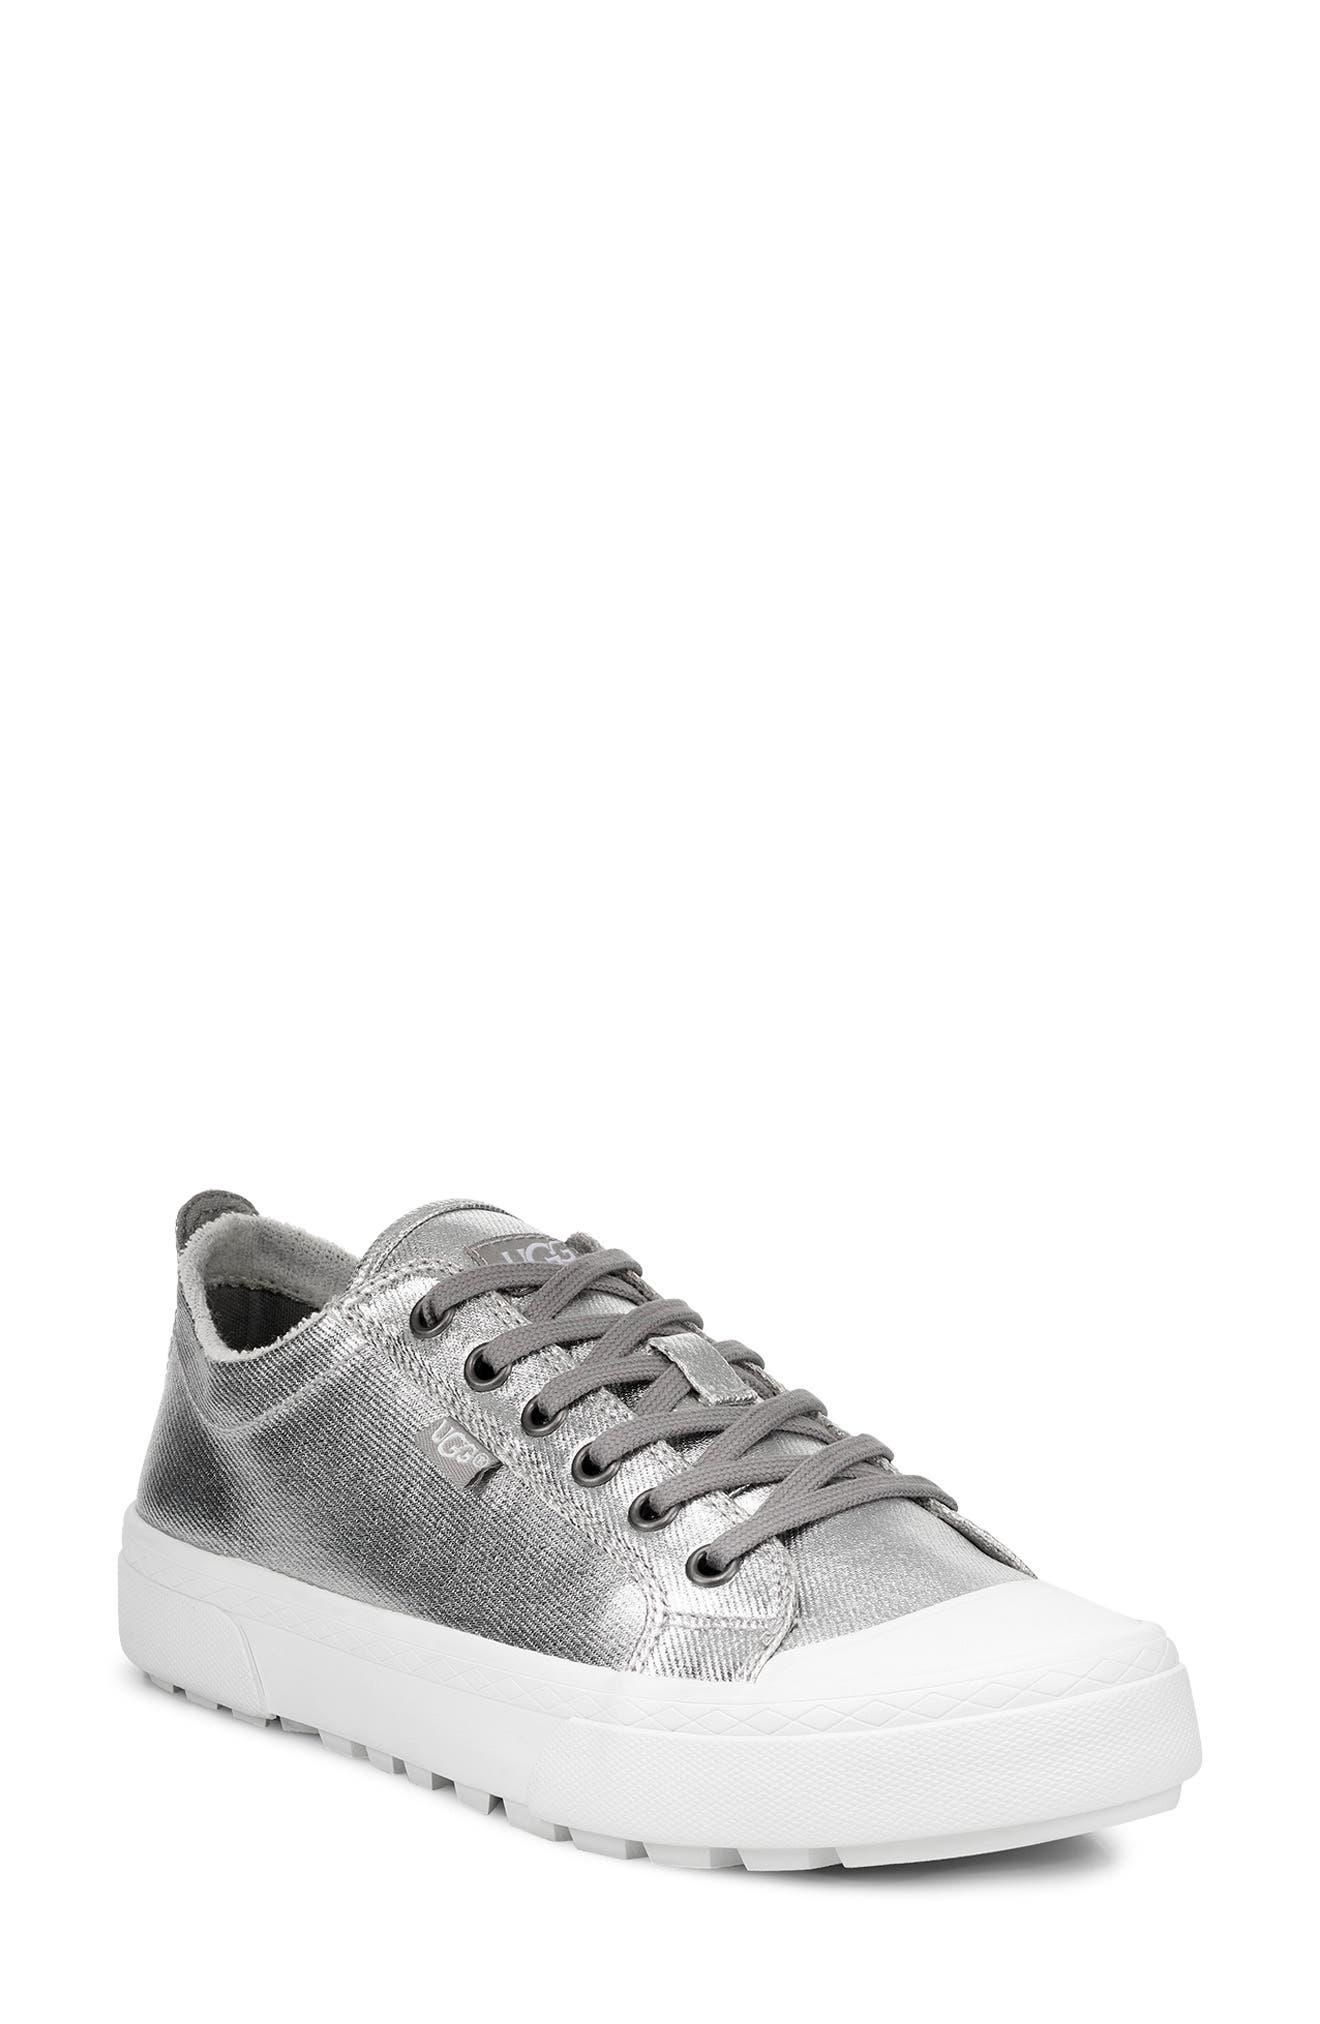 Ugg Aries Platform Sneaker, Metallic